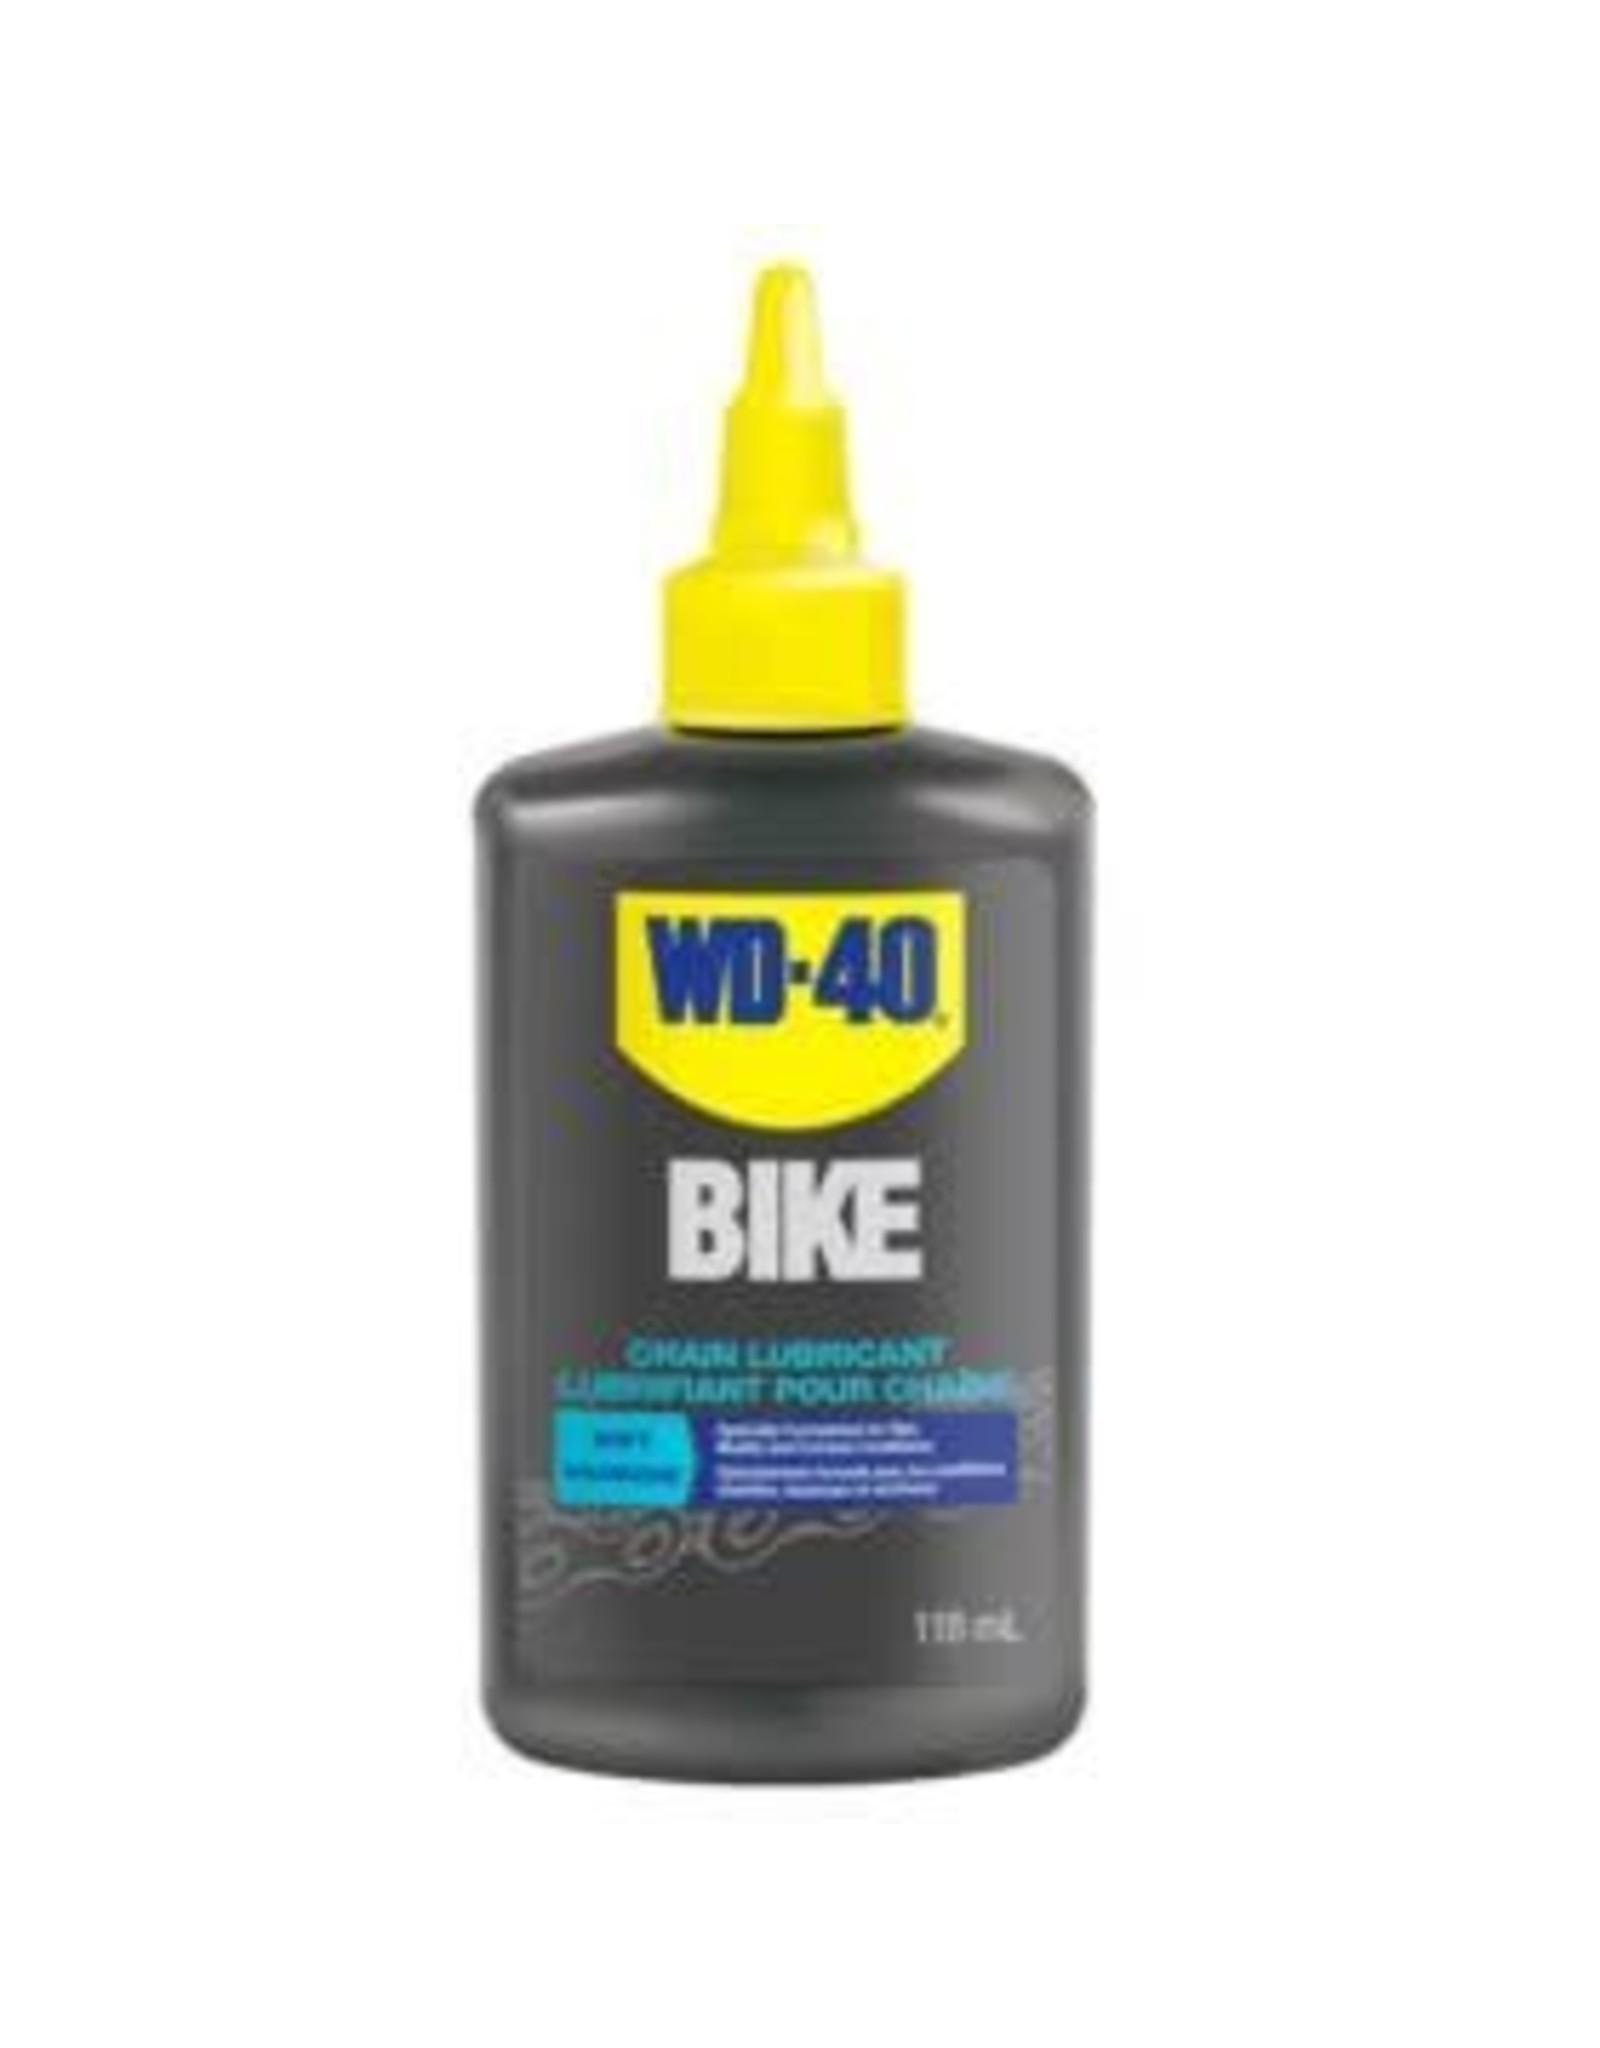 WD-40 Bike Lubrifiant à Chaîne - Wet